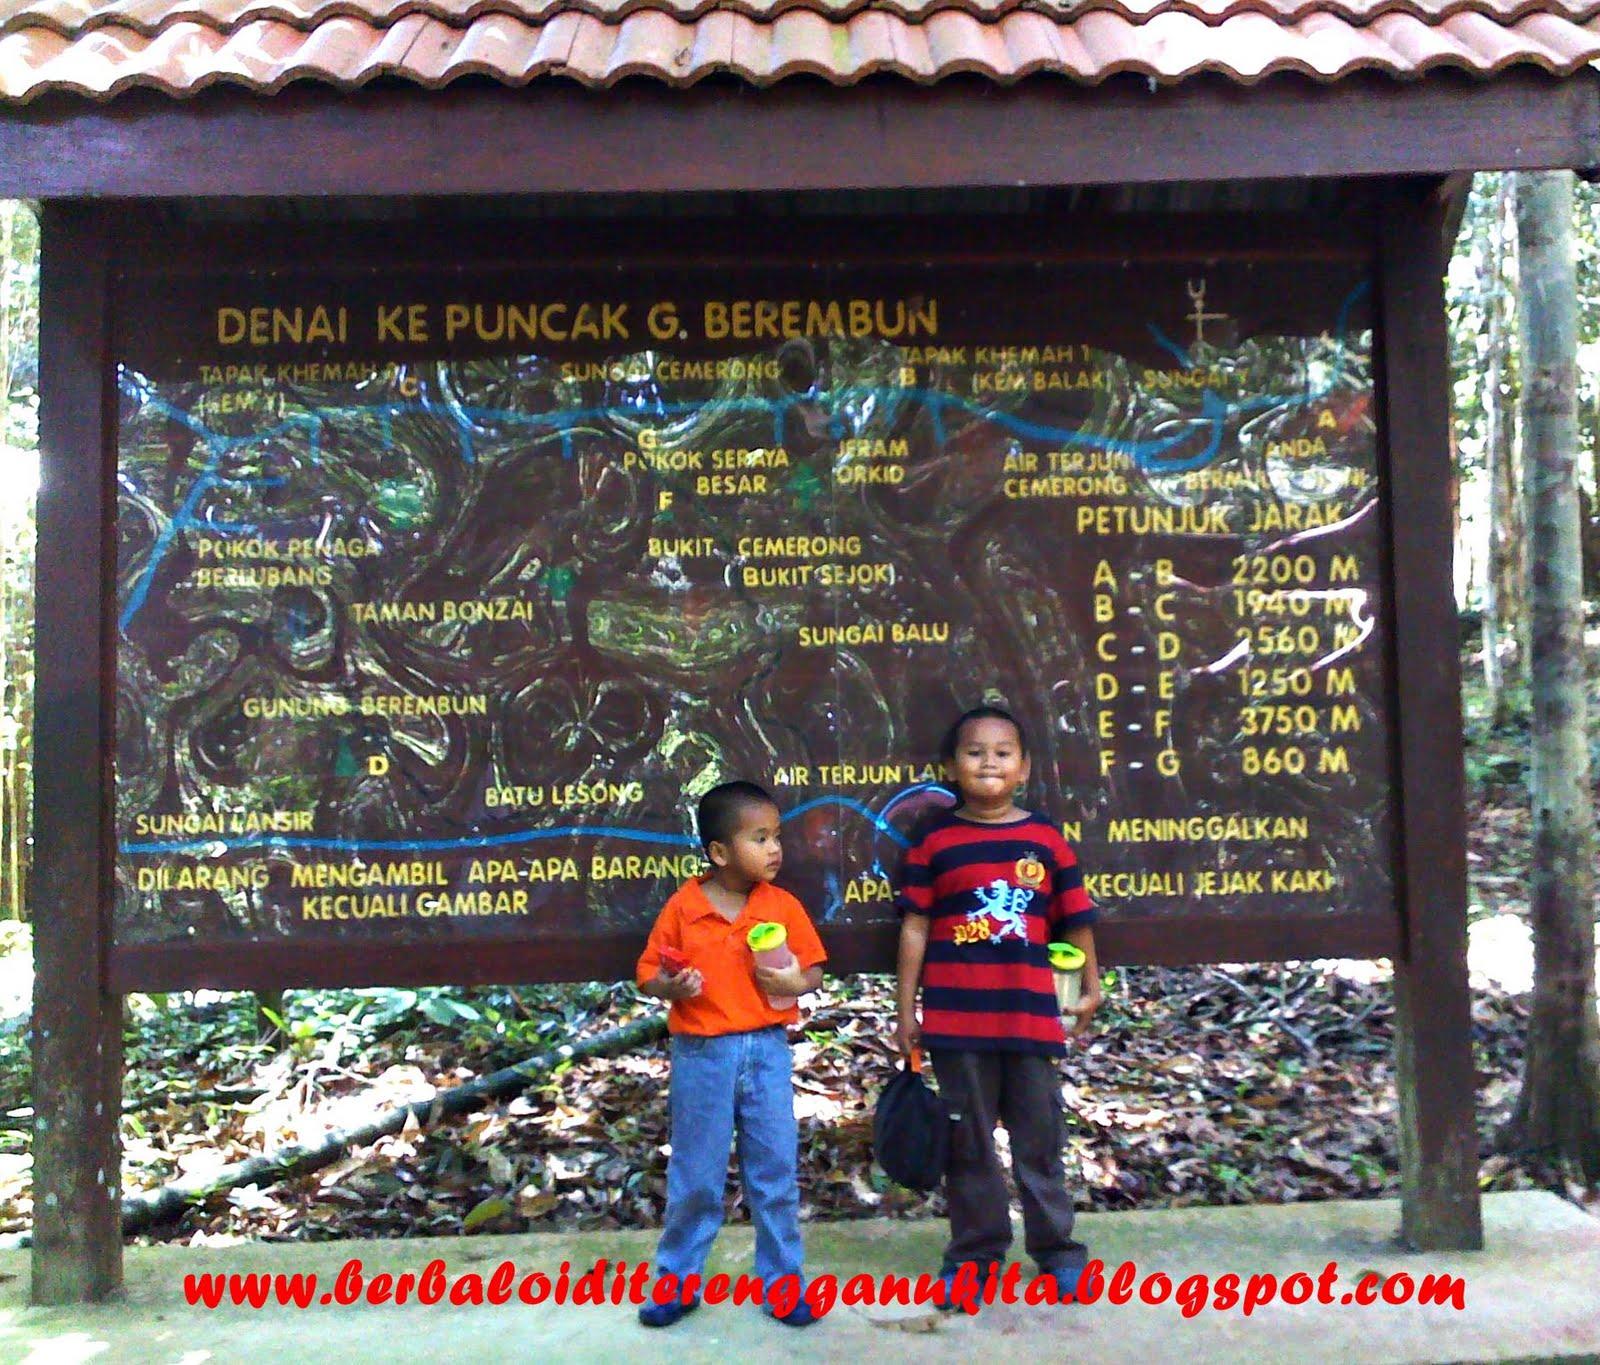 Bergambar di peta kawasan hutan lipur cemerong . .masing-masing